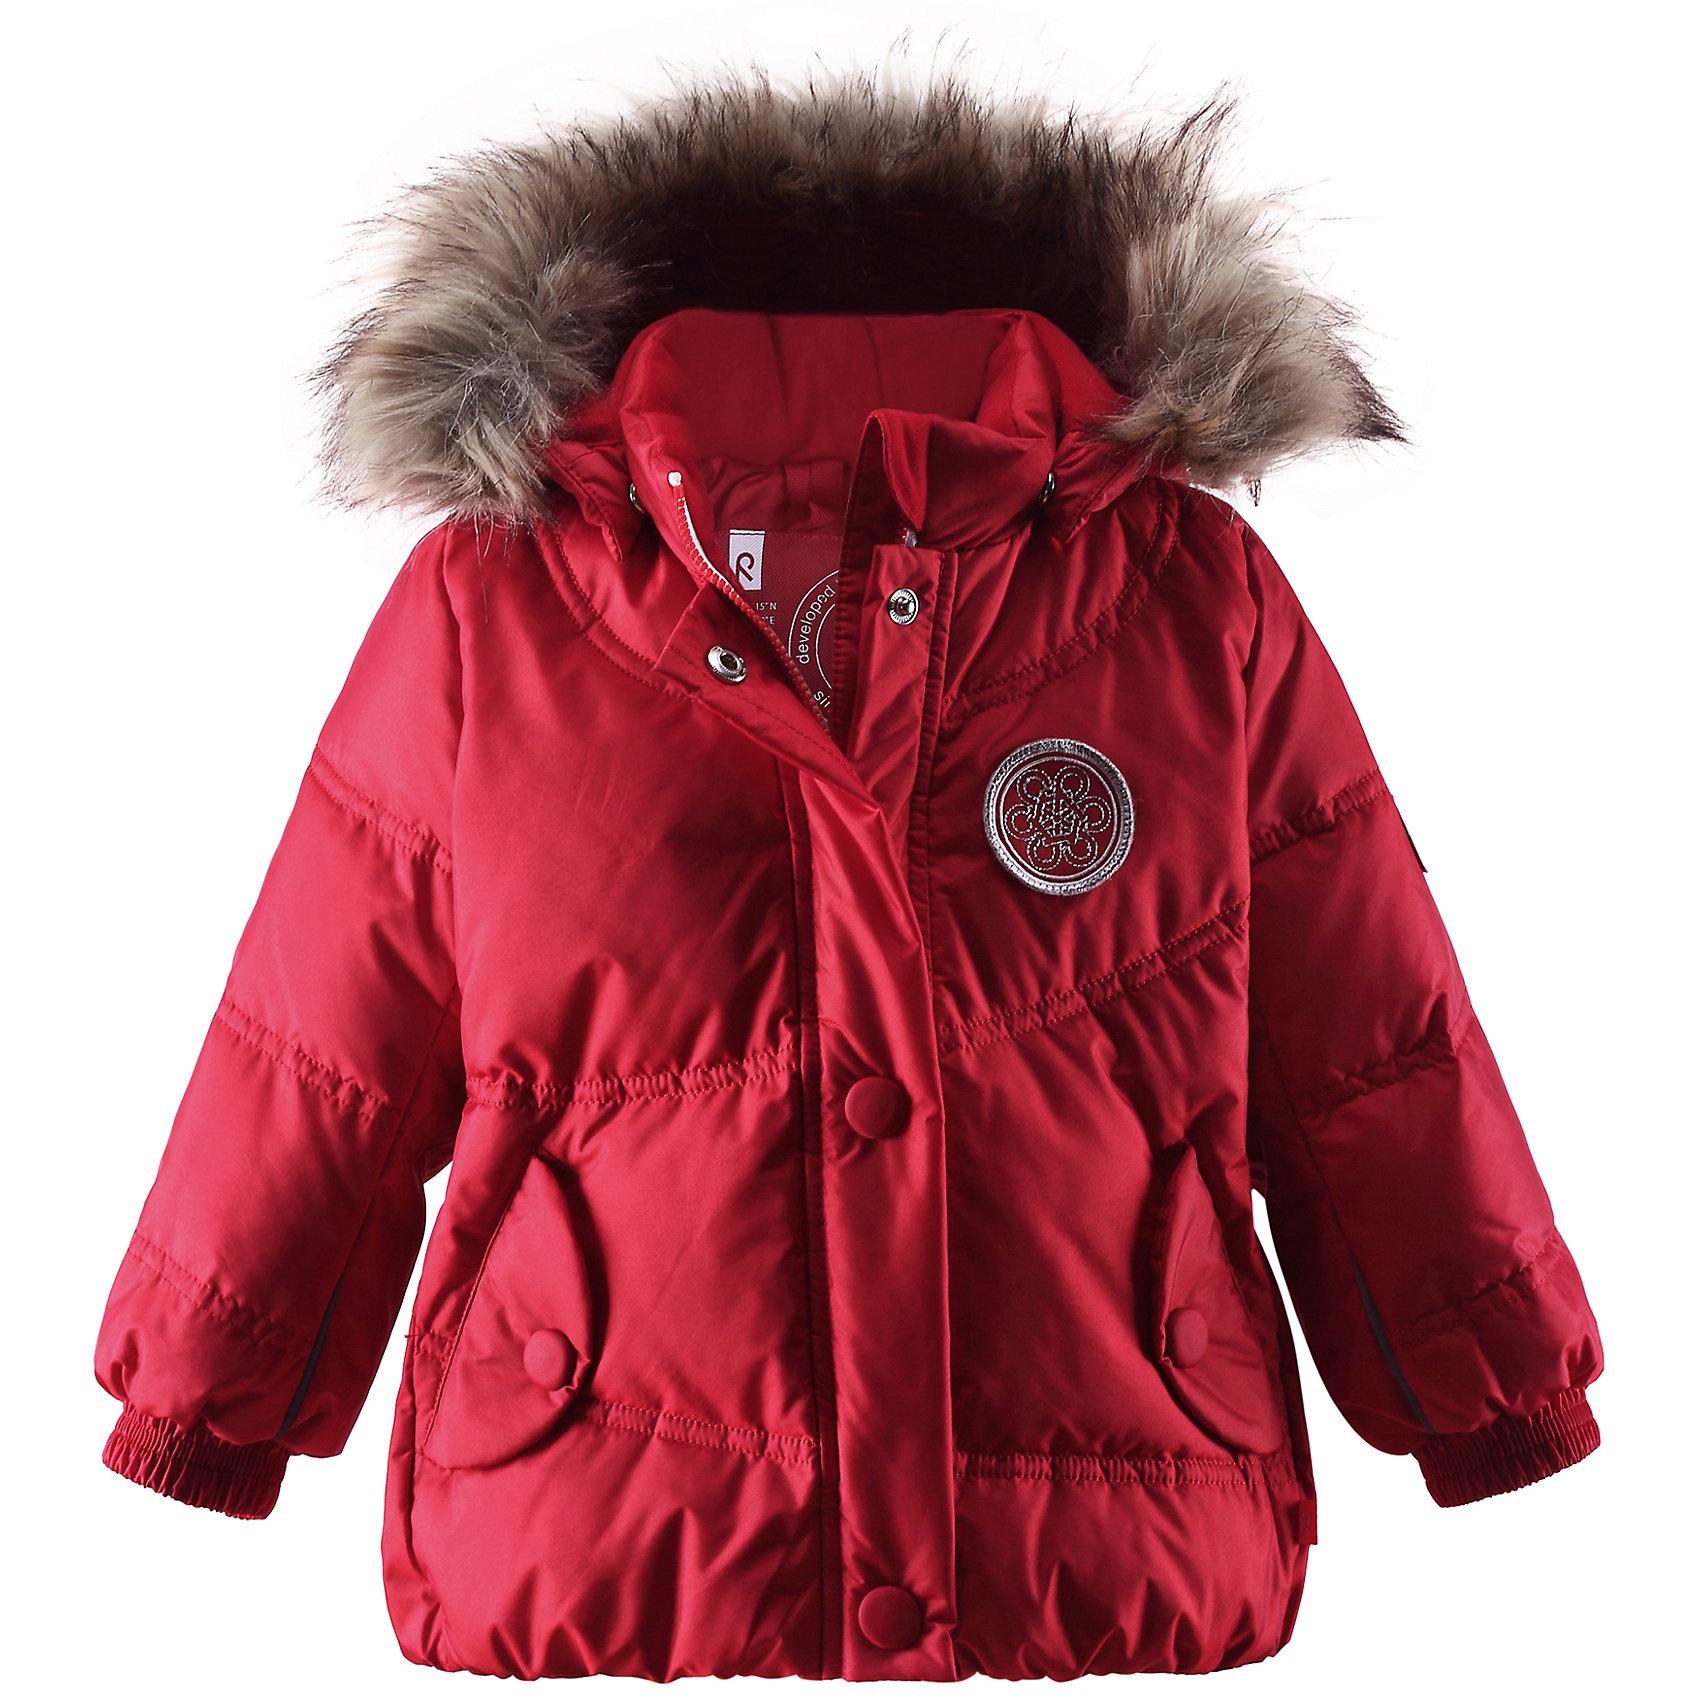 Пальто  ReimaС высокой степенью водостойкости, стильная зимняя куртка для города и природы. Очень теплая.<br><br>Дополнительная информация:<br><br>Температурный режим: до -30<br>Водоотталкивающий пуховик, модель для девочек<br>Эластичный пояс сзади<br>Съемная отделка из искусственного меха на съемном капюшоне<br>Два кармана под планками<br>Состав: 55% Полиамид 45% Полиэстер, Полиуретан-покрытие<br><br>Пальто  Reima можно купить в нашем магазине.<br><br>Ширина мм: 356<br>Глубина мм: 10<br>Высота мм: 245<br>Вес г: 519<br>Цвет: красный<br>Возраст от месяцев: 18<br>Возраст до месяцев: 24<br>Пол: Унисекс<br>Возраст: Детский<br>Размер: 92,74,86,80<br>SKU: 4268544